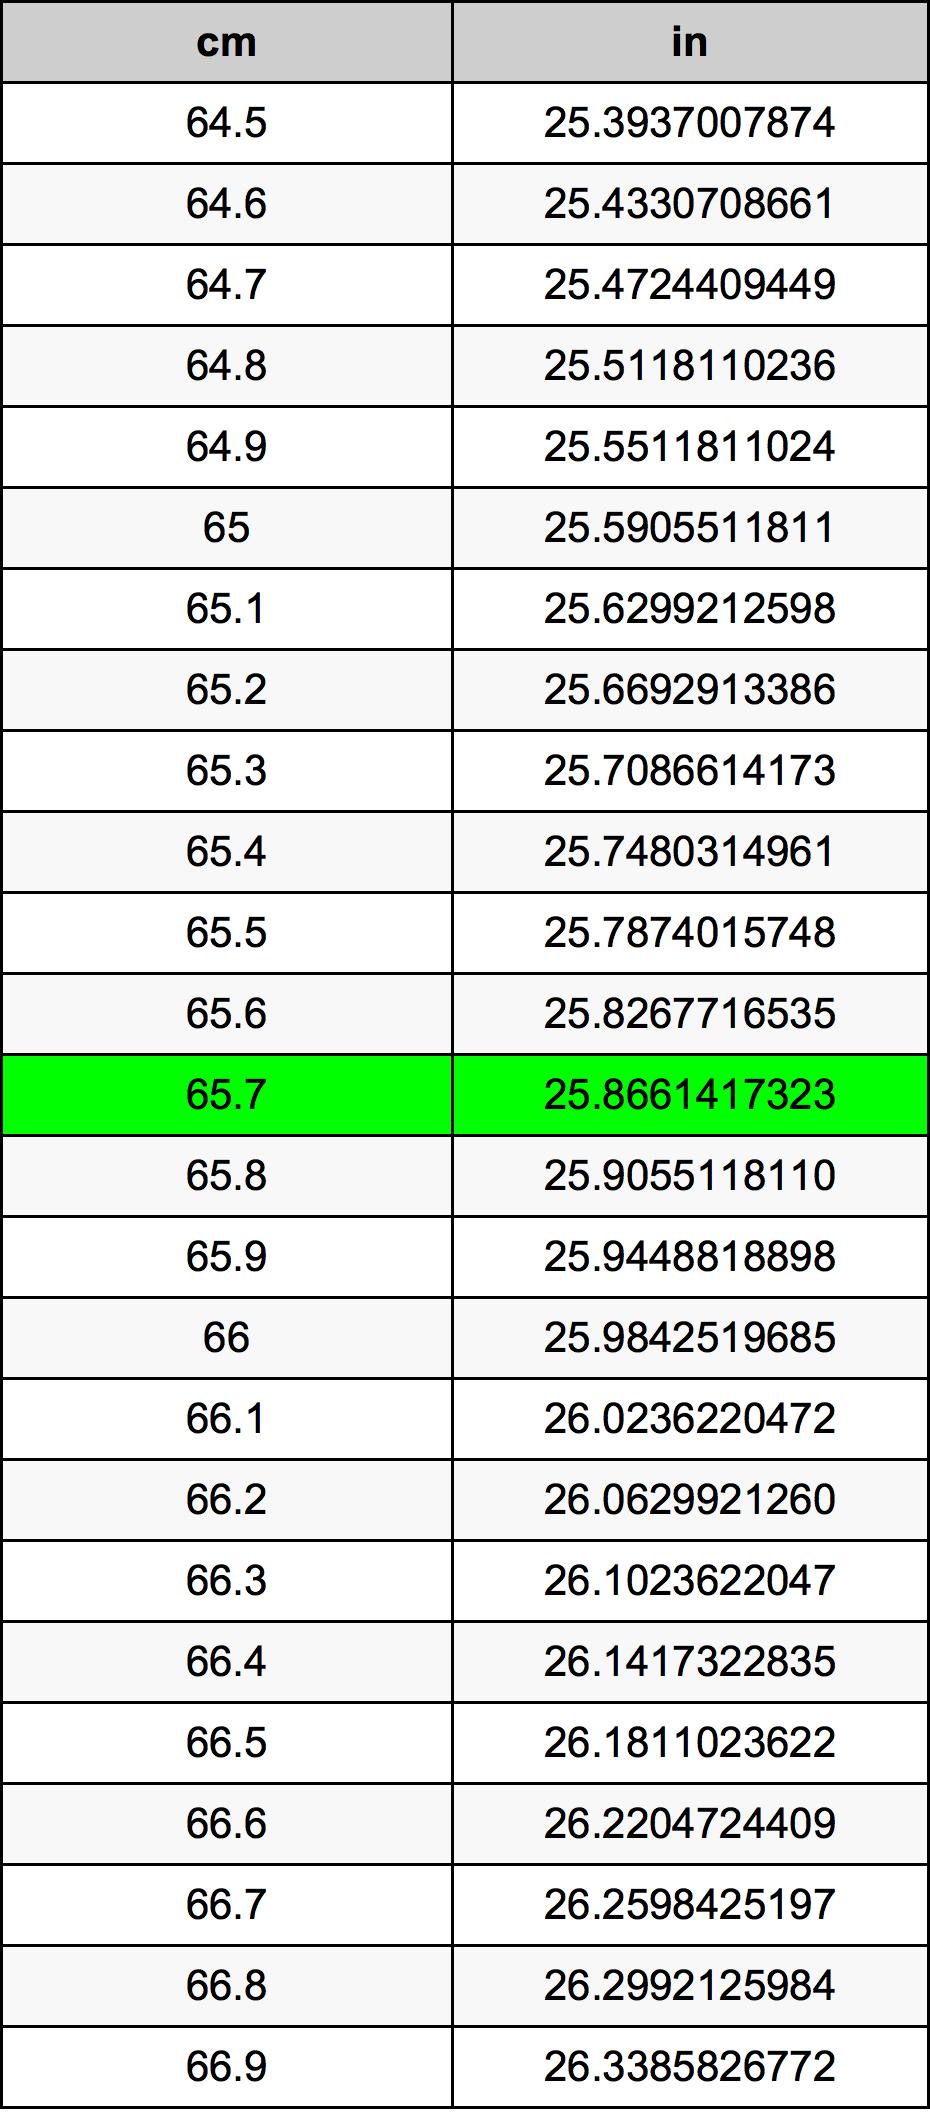 65.7 厘米换算表